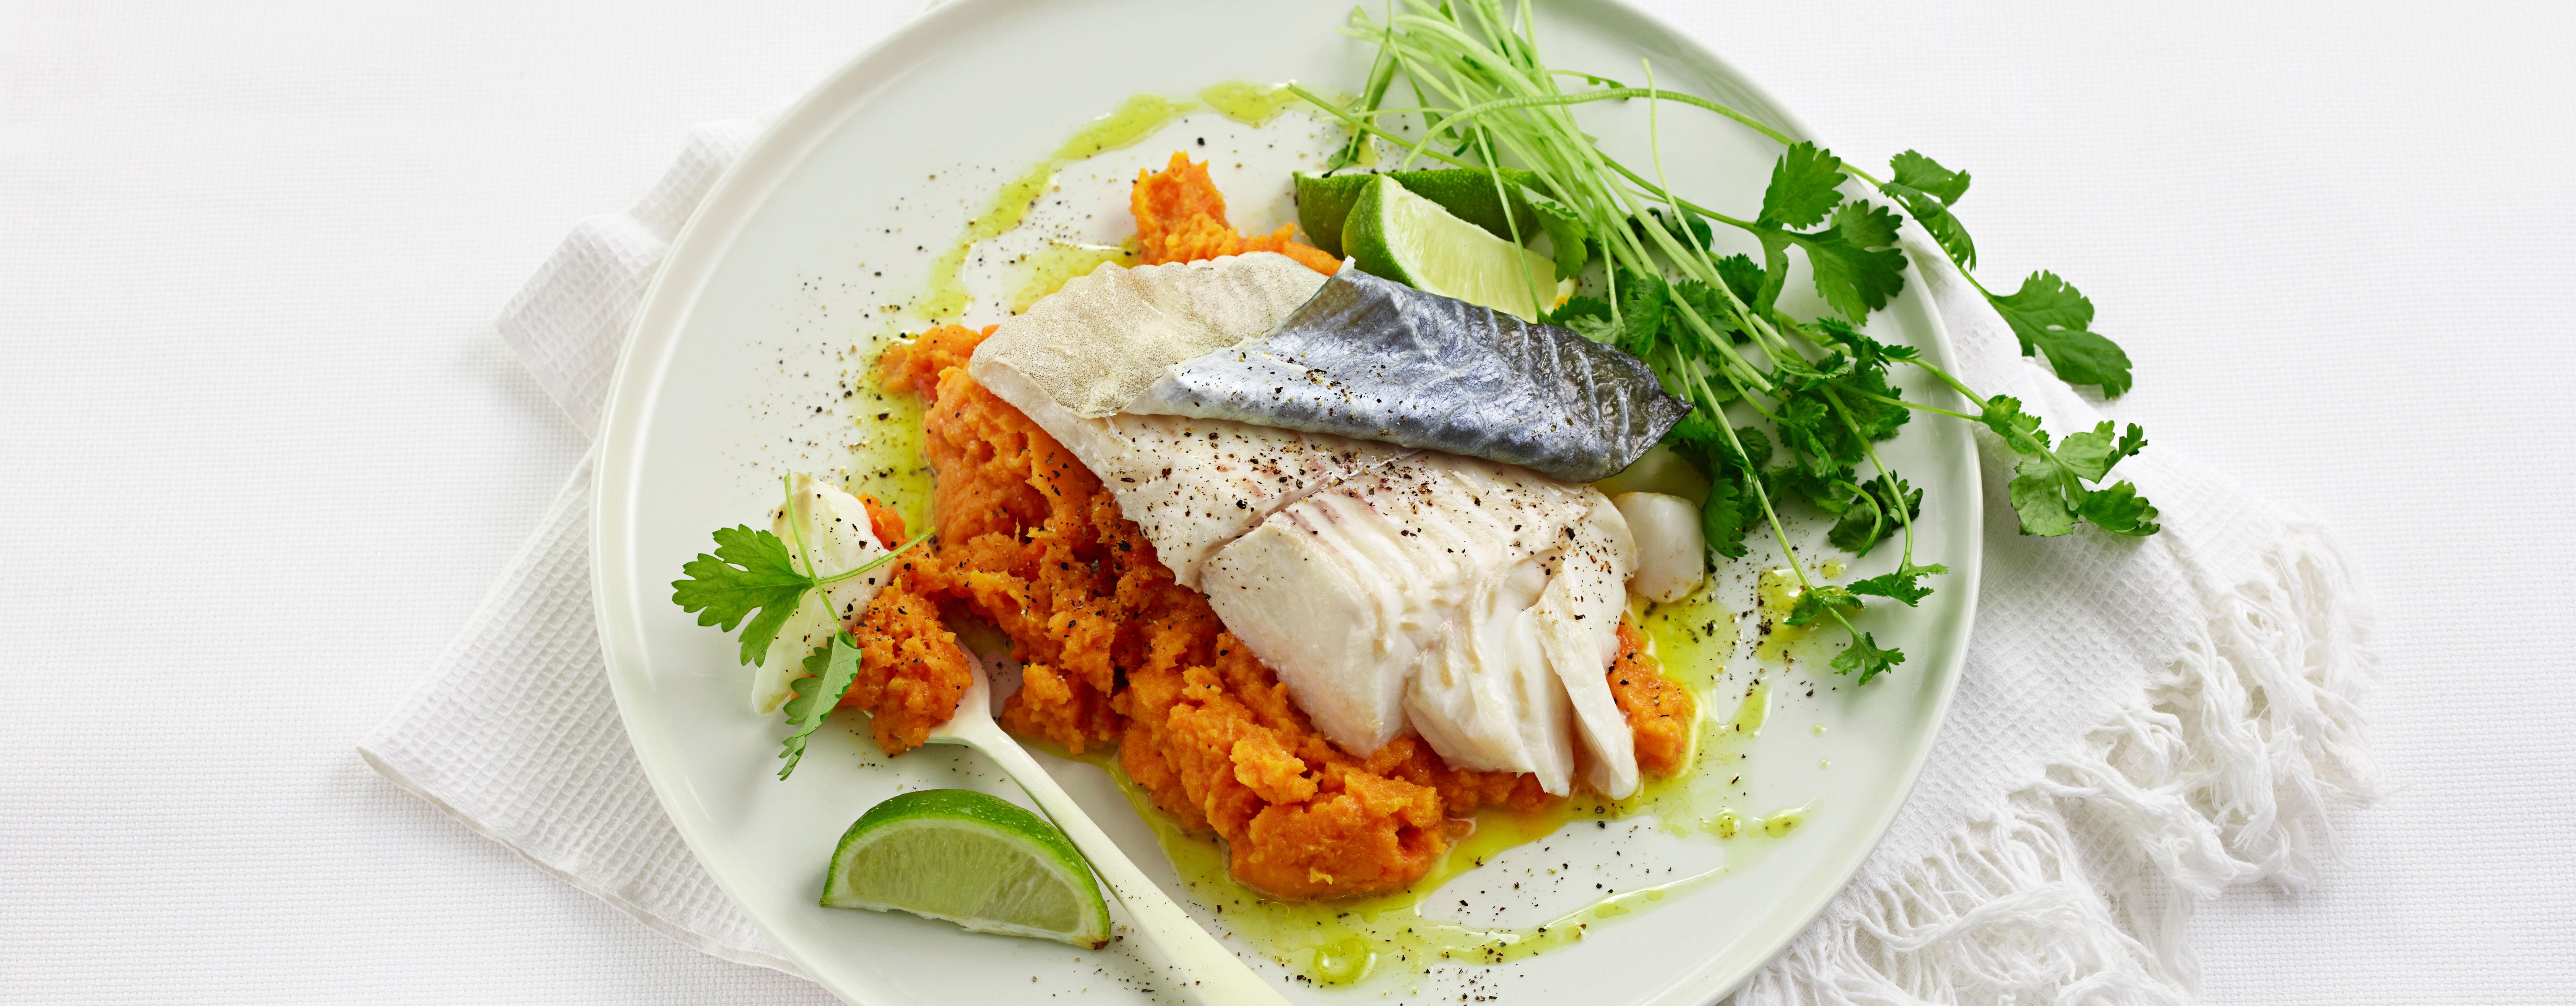 Fisk inneholder mye proteiner, som er viktig for muskeloppbygging og metter godt.